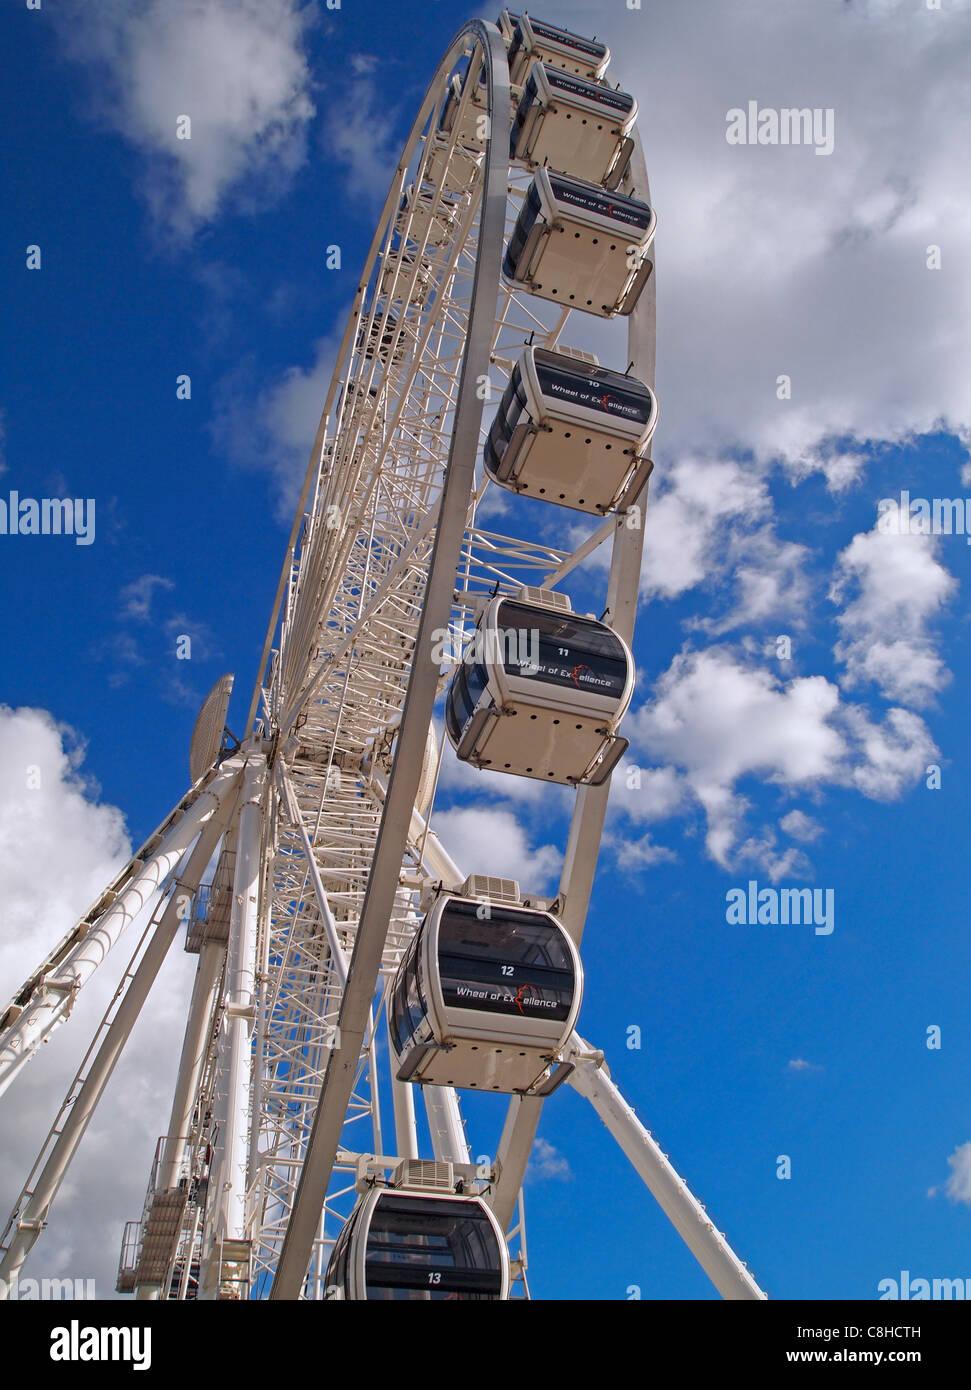 """Das Brighton Rad - auch bekannt als """"The Wheel of Excellence"""" - eine neue Attraktion auf der Brighton Stockbild"""